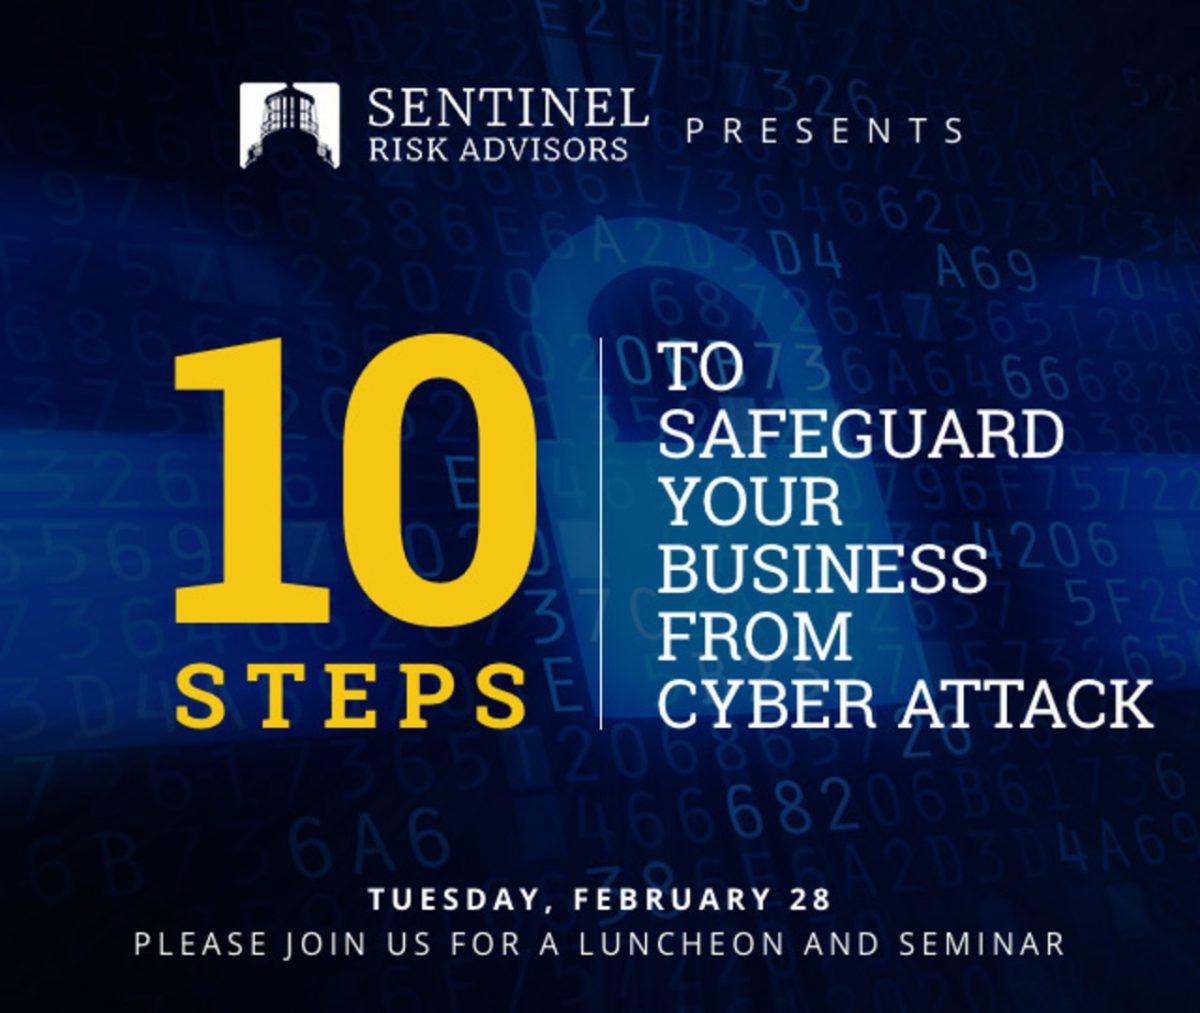 cyber attack seminar